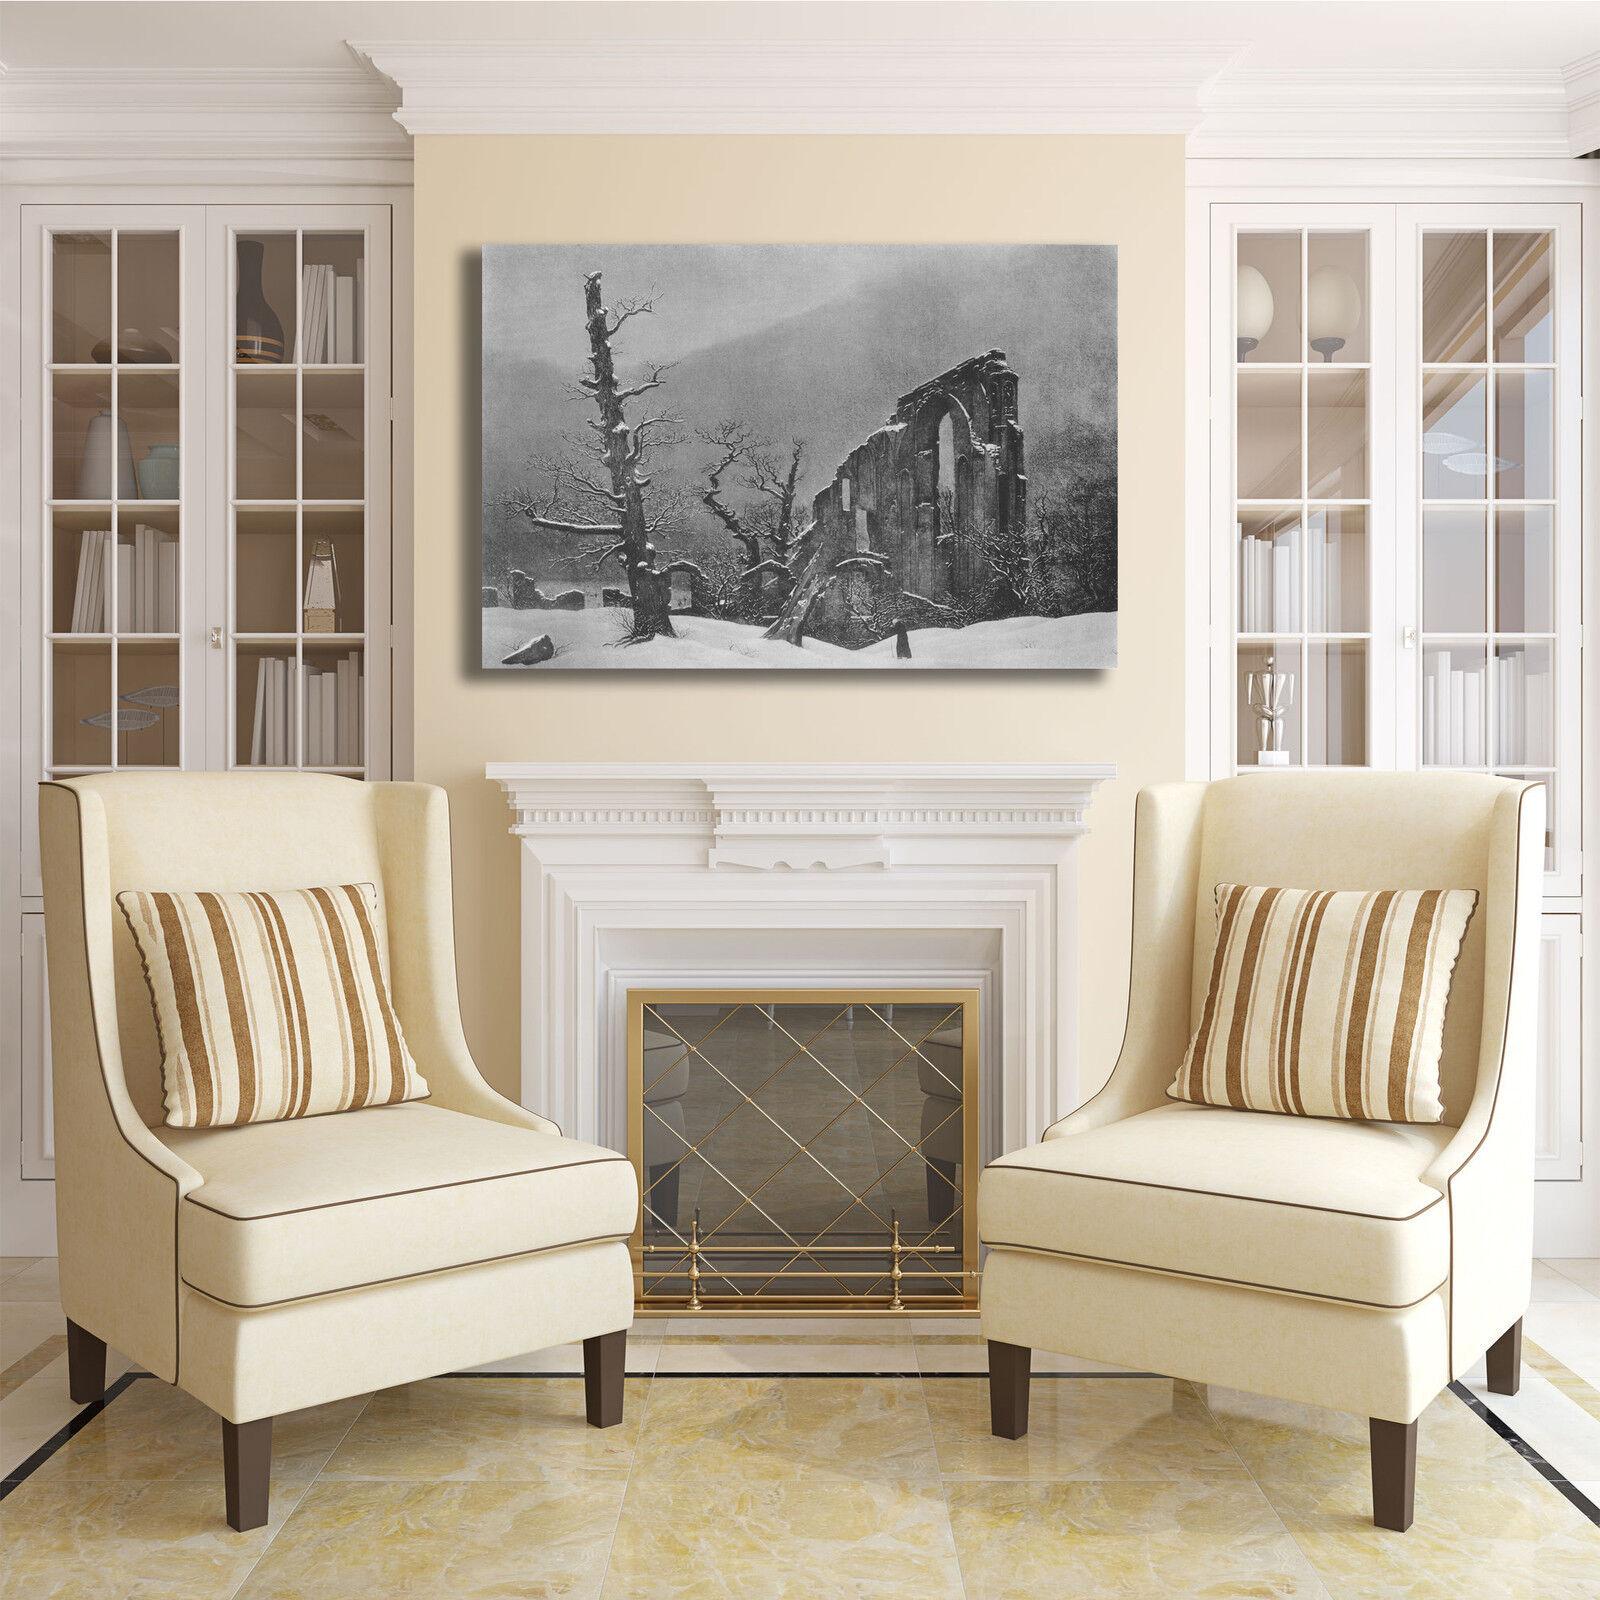 Caspar telaio inverno design quadro stampa tela dipinto telaio Caspar arRouge o casa 902794